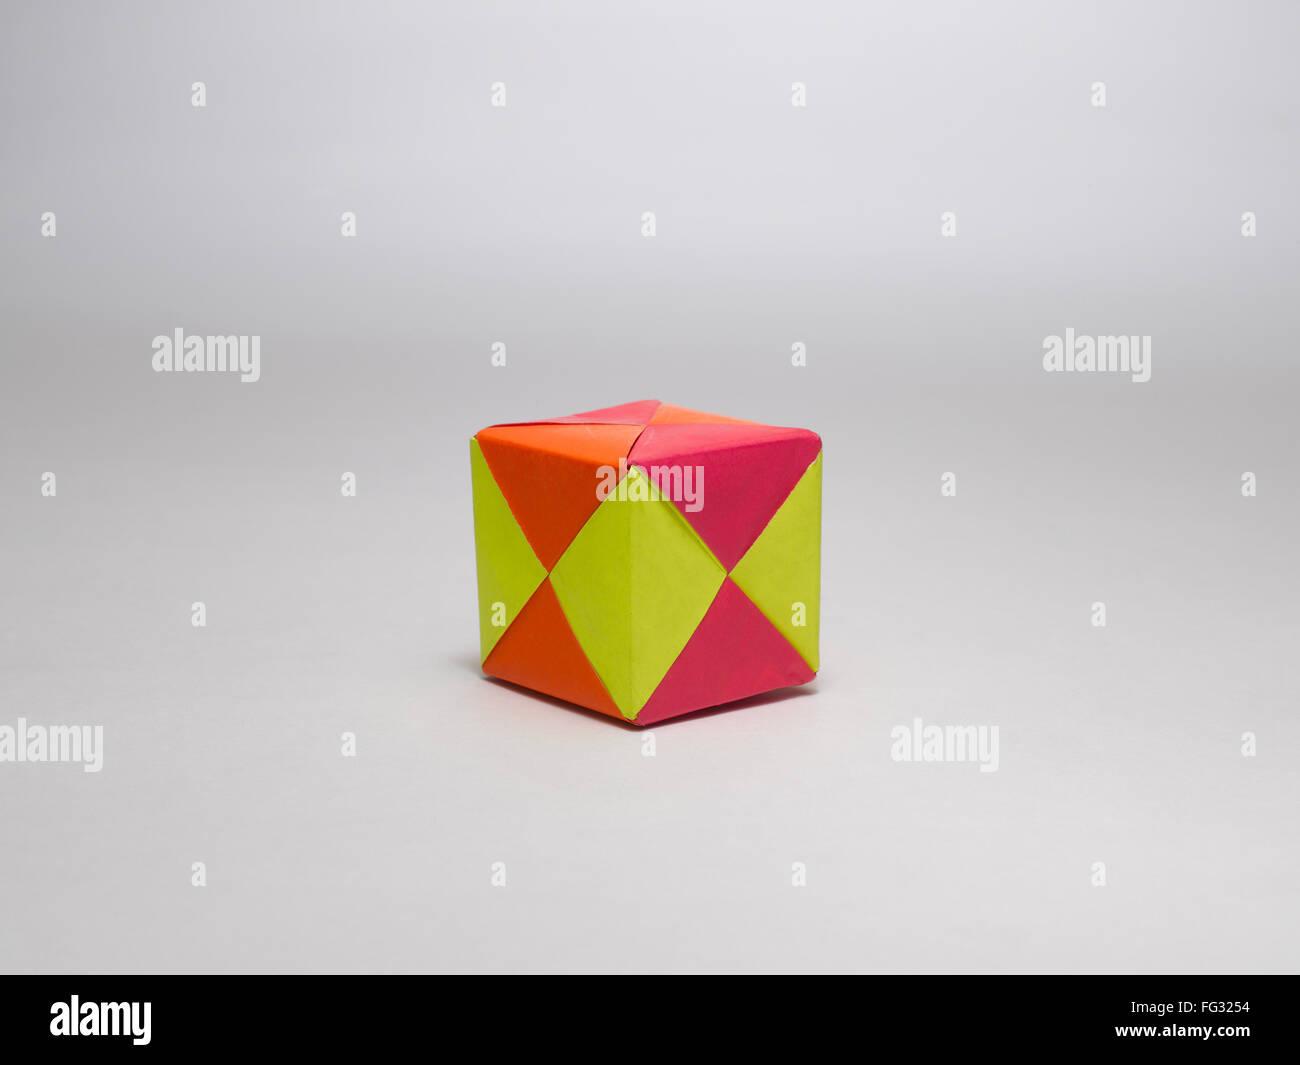 origami multiplex cube India - Stock Image